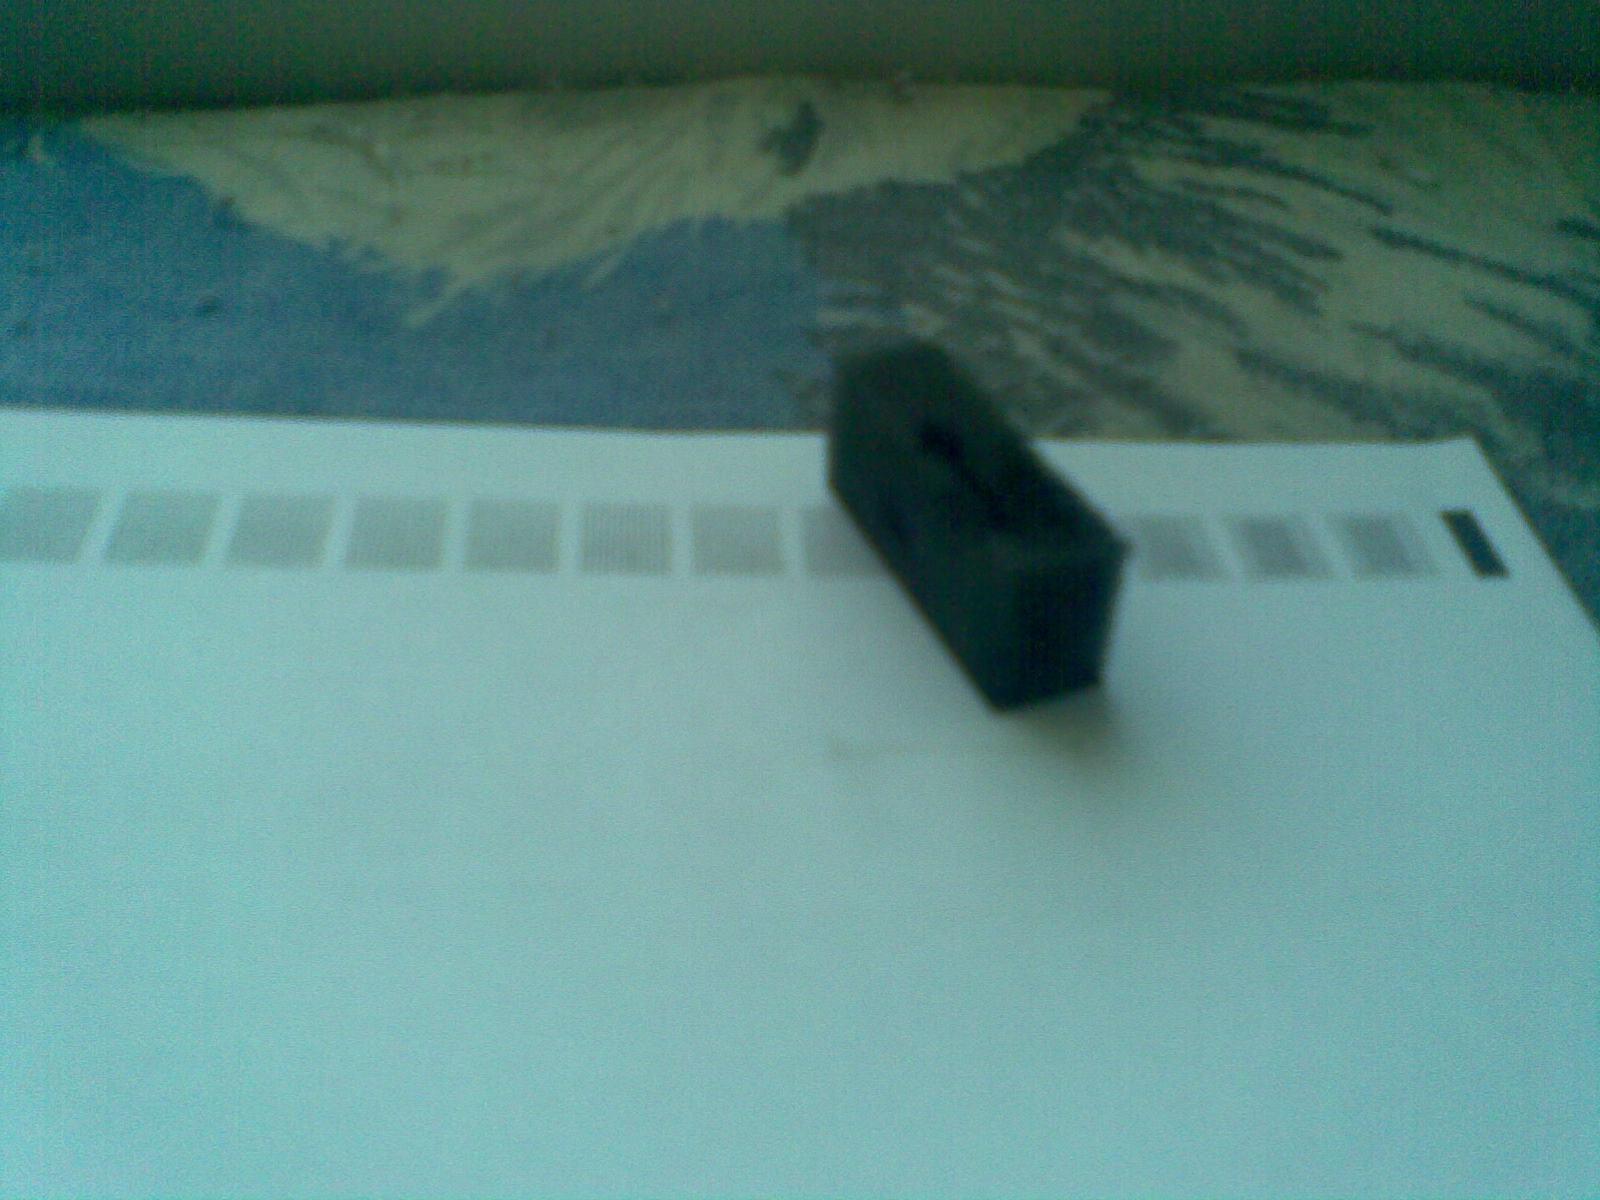 HP Deskjet 1000 - Czy moja drukarka mo�e pracowa� tylko z jednym czarnym tuszem.